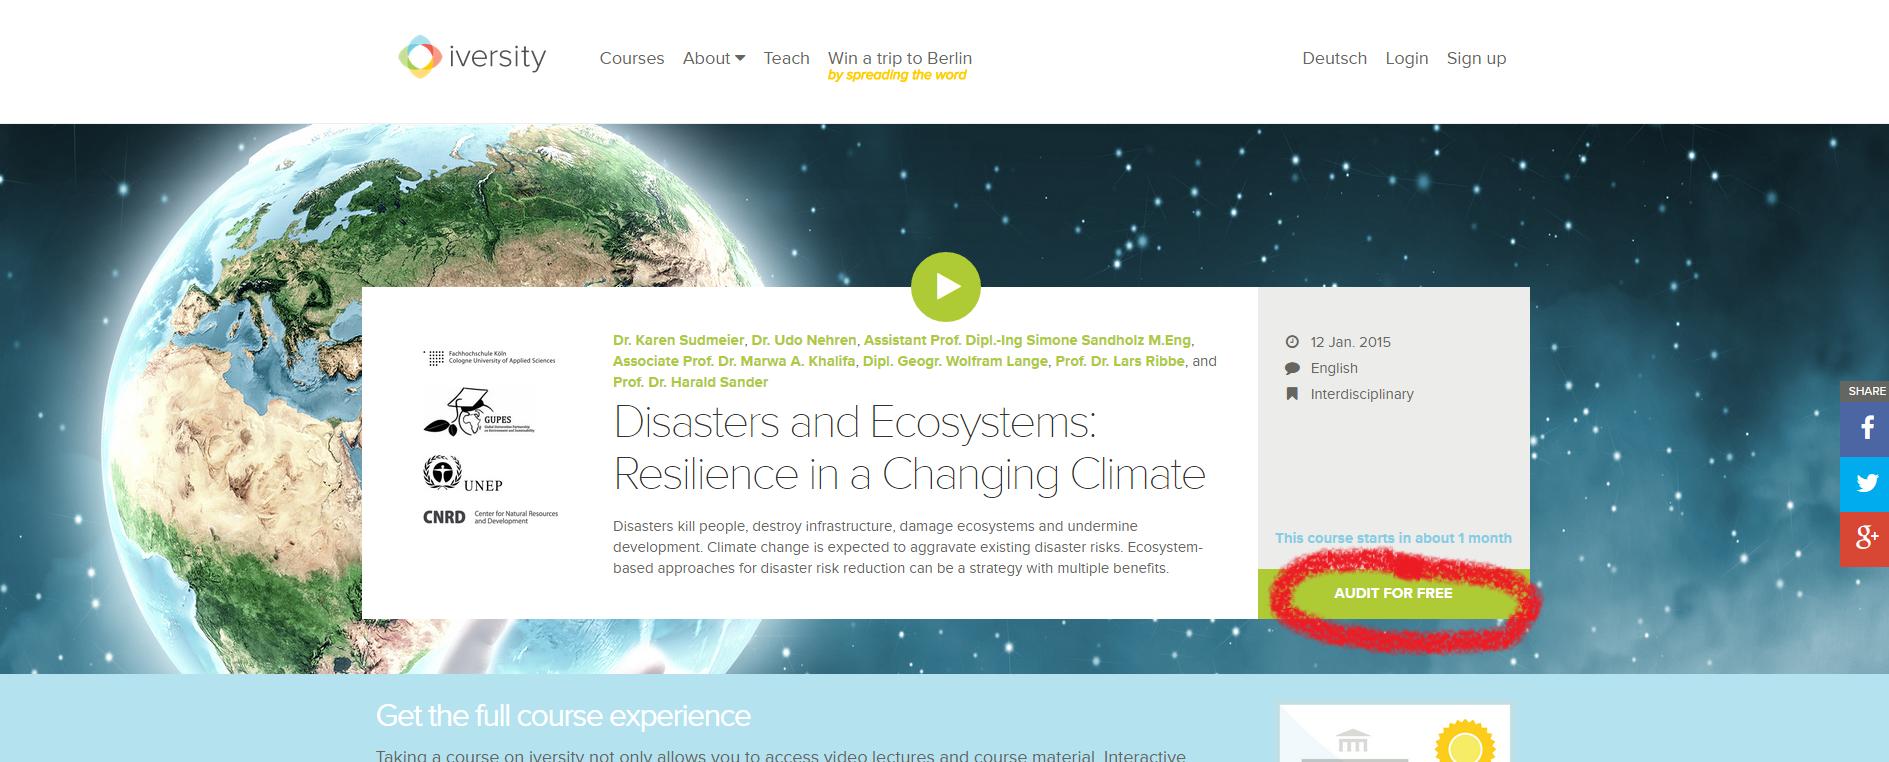 MOOC Onlinekurs Naturkatastrophe und Klimawandel